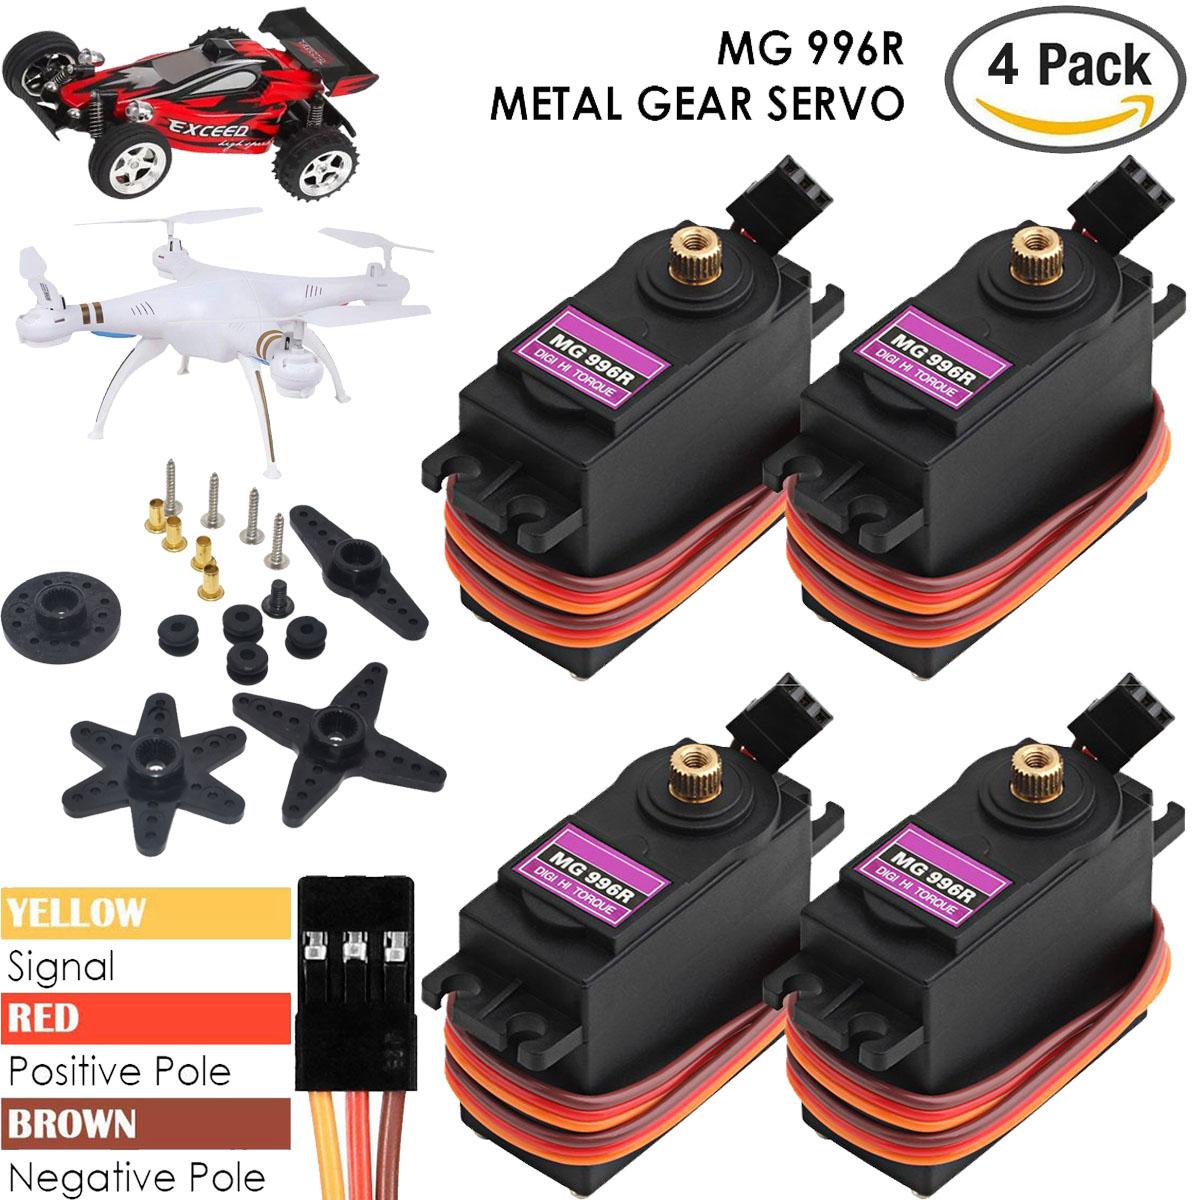 4X MG996R Metall Gear Digital Torque Lenk Servo Tower RC Modellbau für Auto Boot